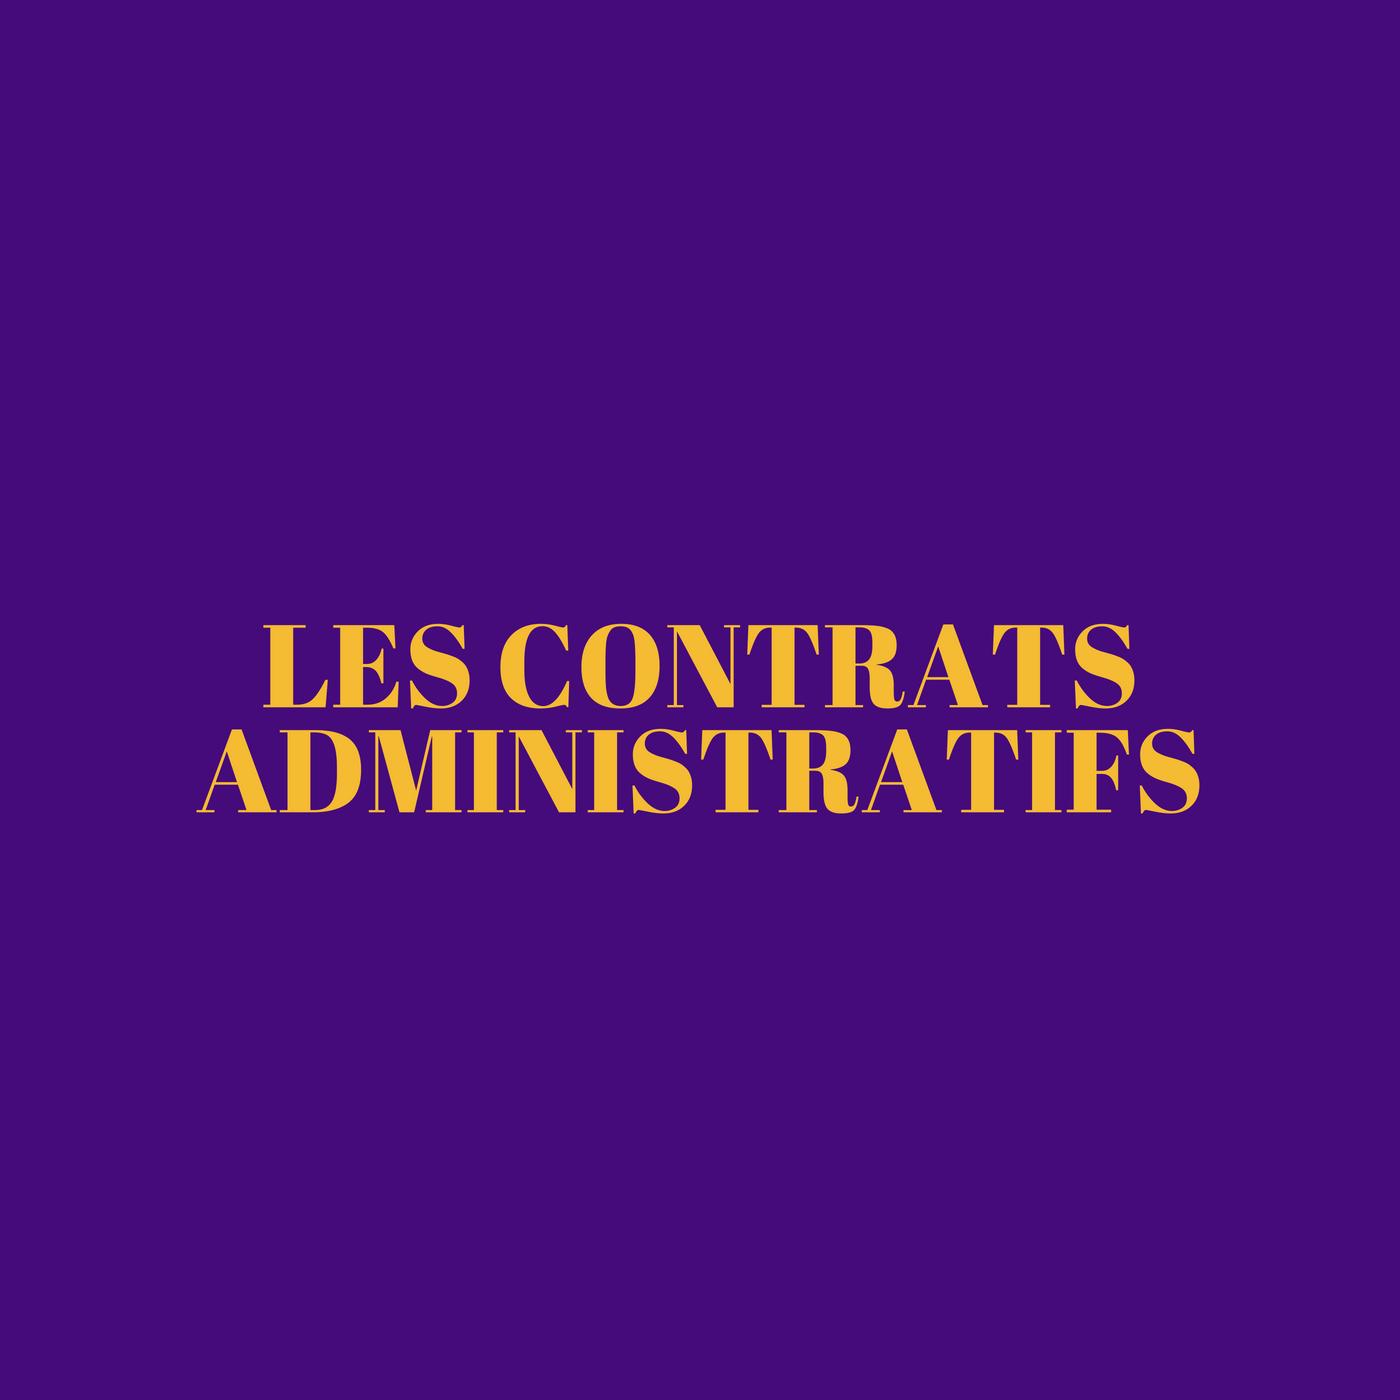 Les contrats administratifs